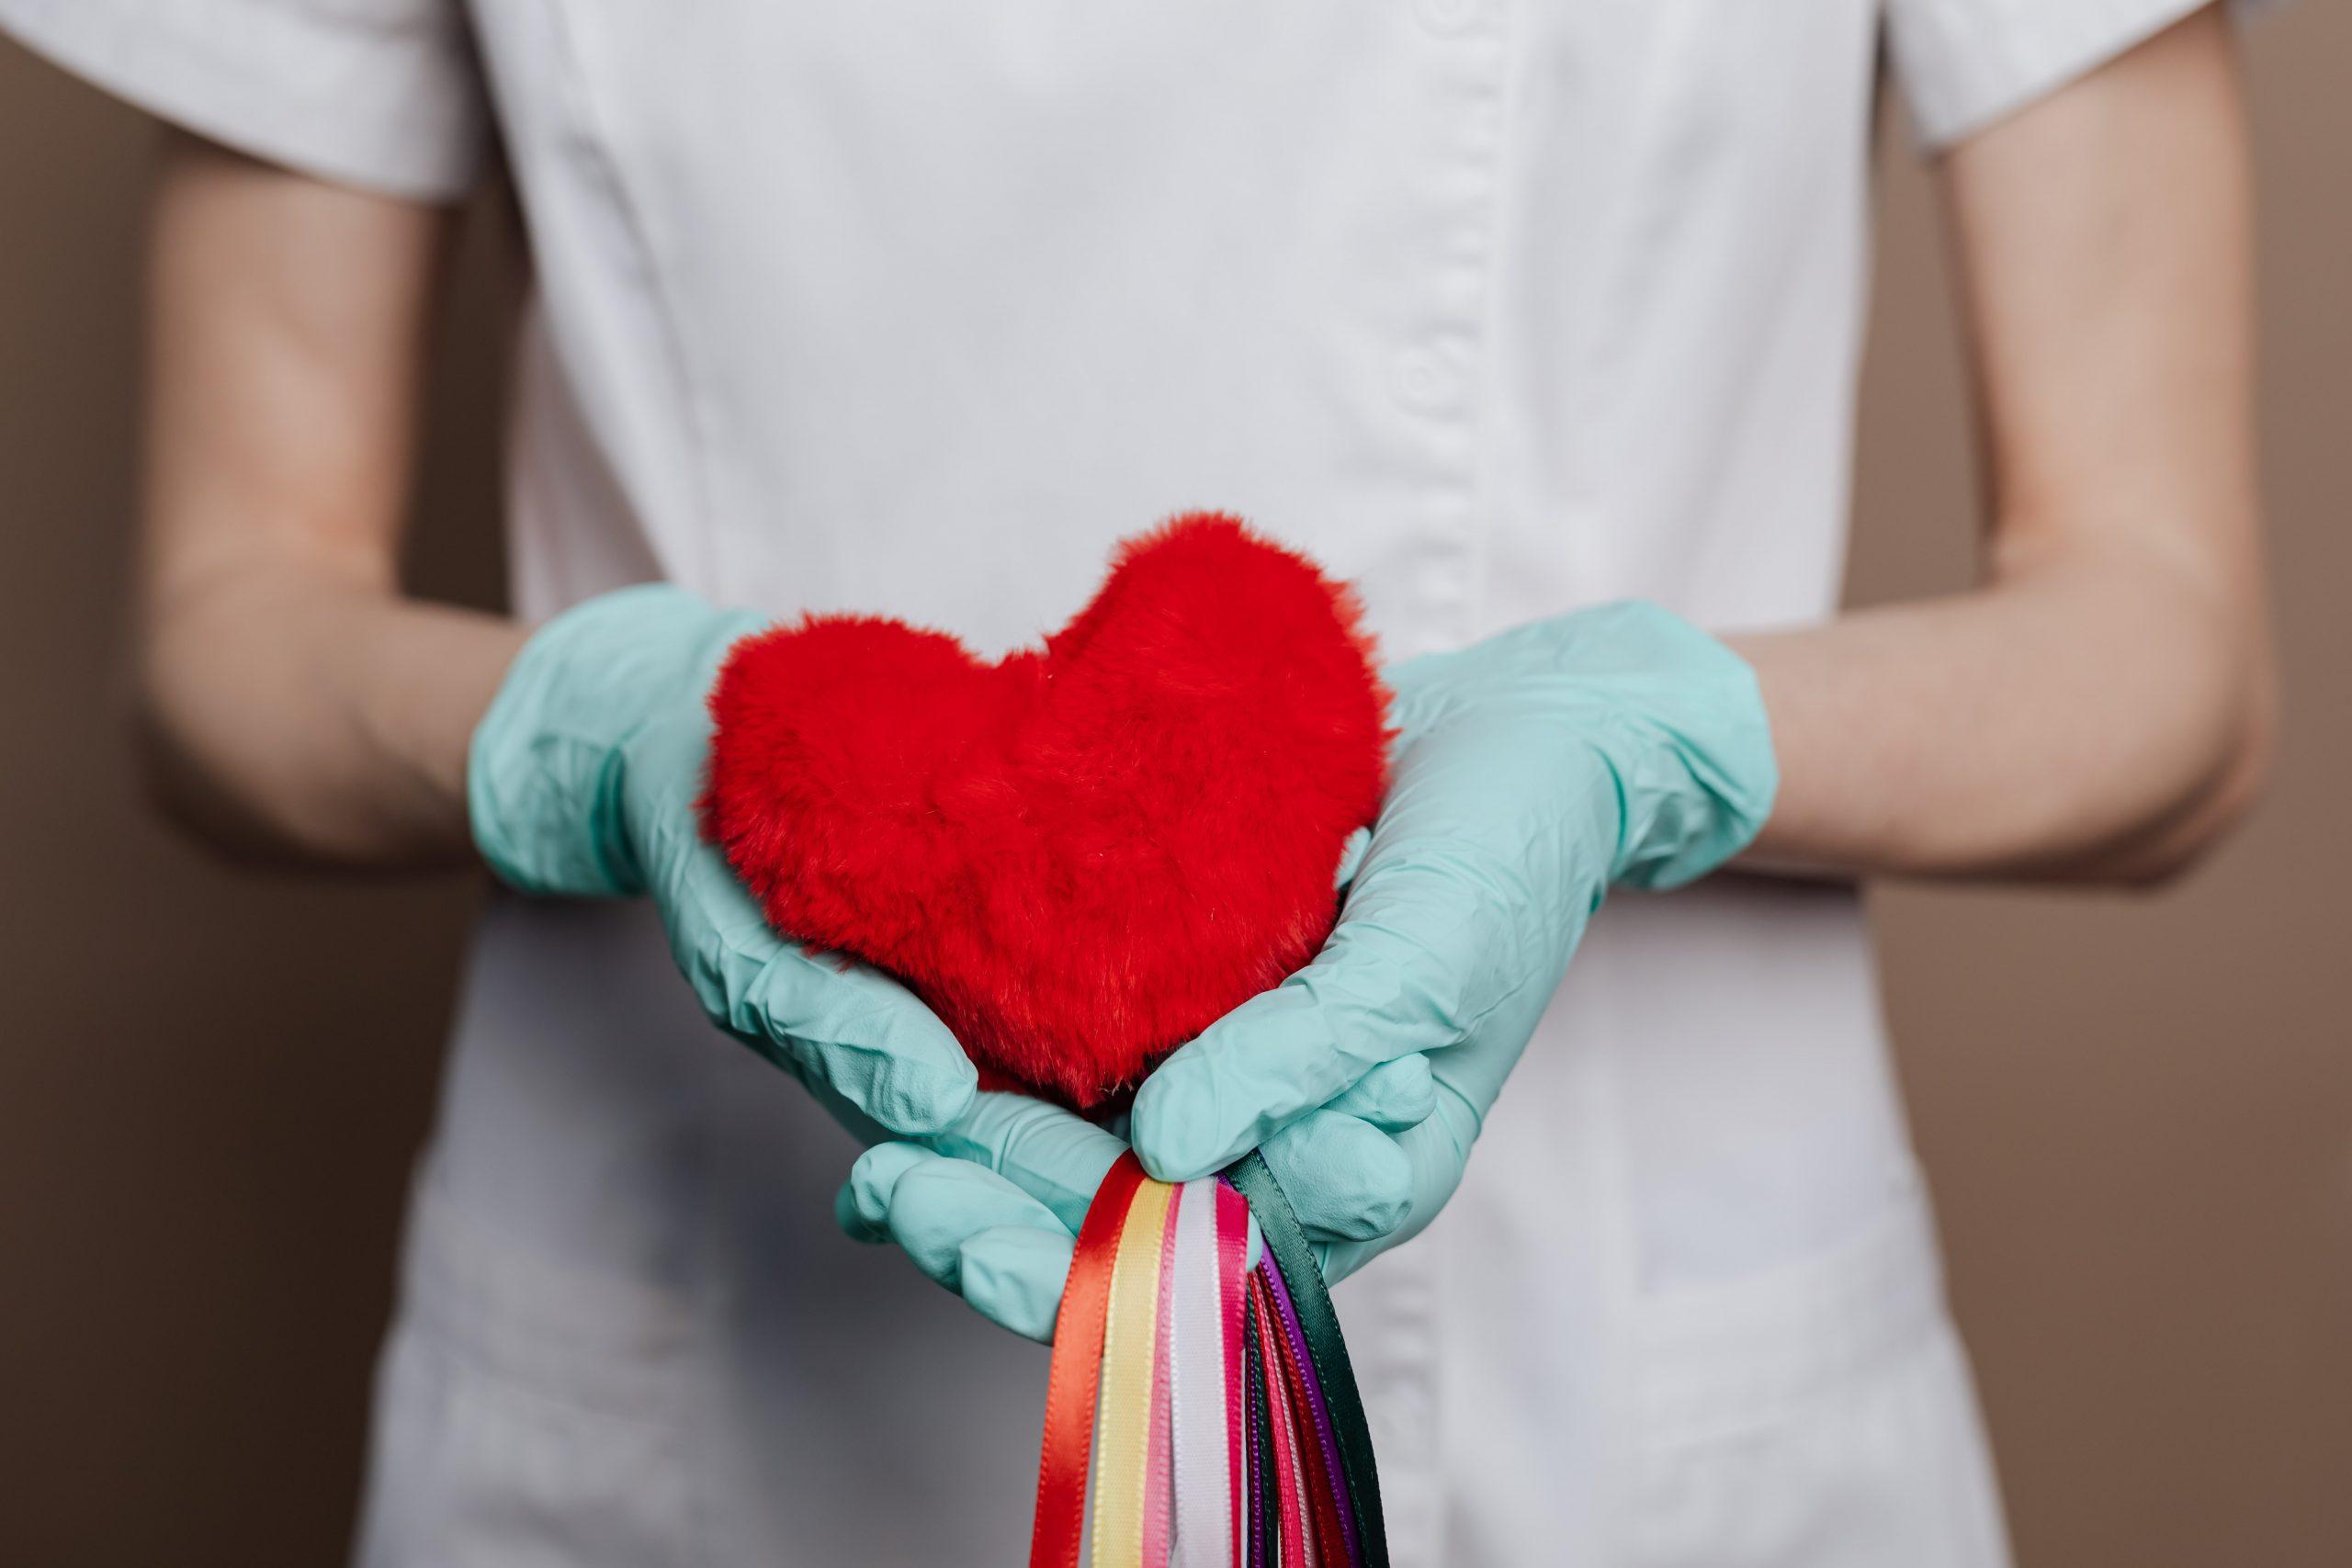 Día Mundial del Corazón: Las 8 claves para cuidar la salud cardiovascular